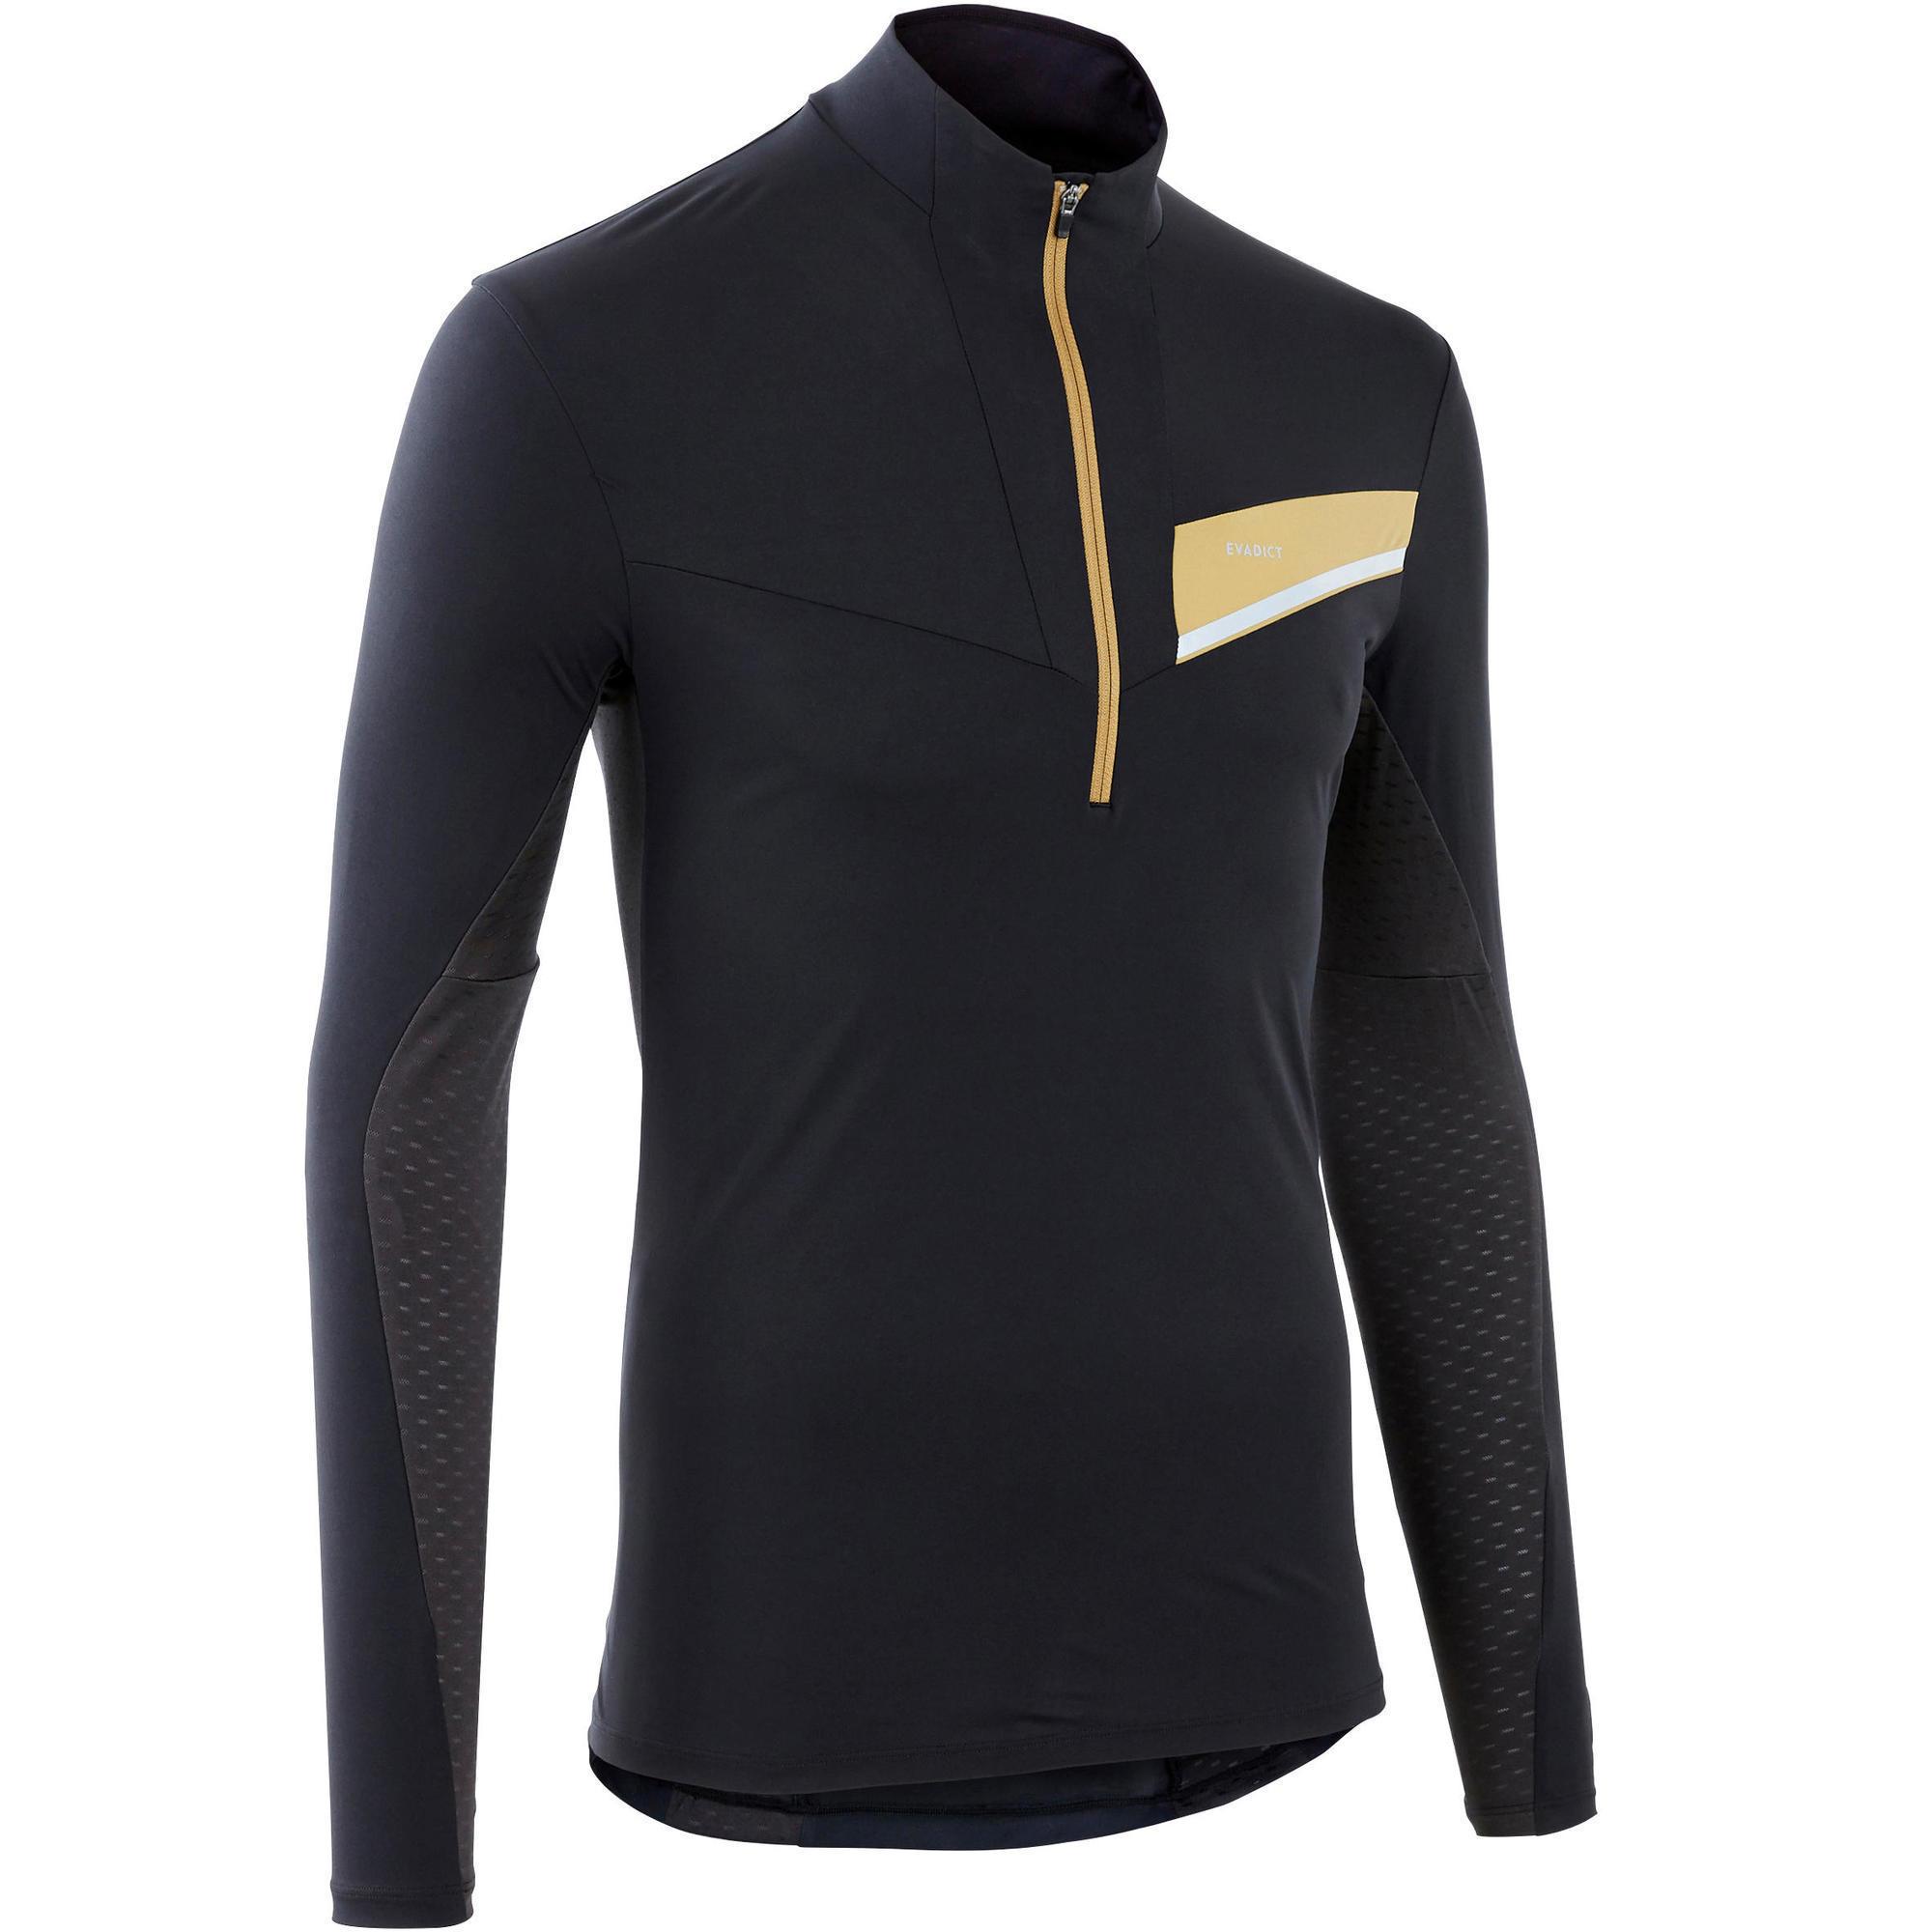 Laufshirt langarm Trail Herren schwarz/bronze | Sportbekleidung > Sportshirts > Laufshirts | Evadict